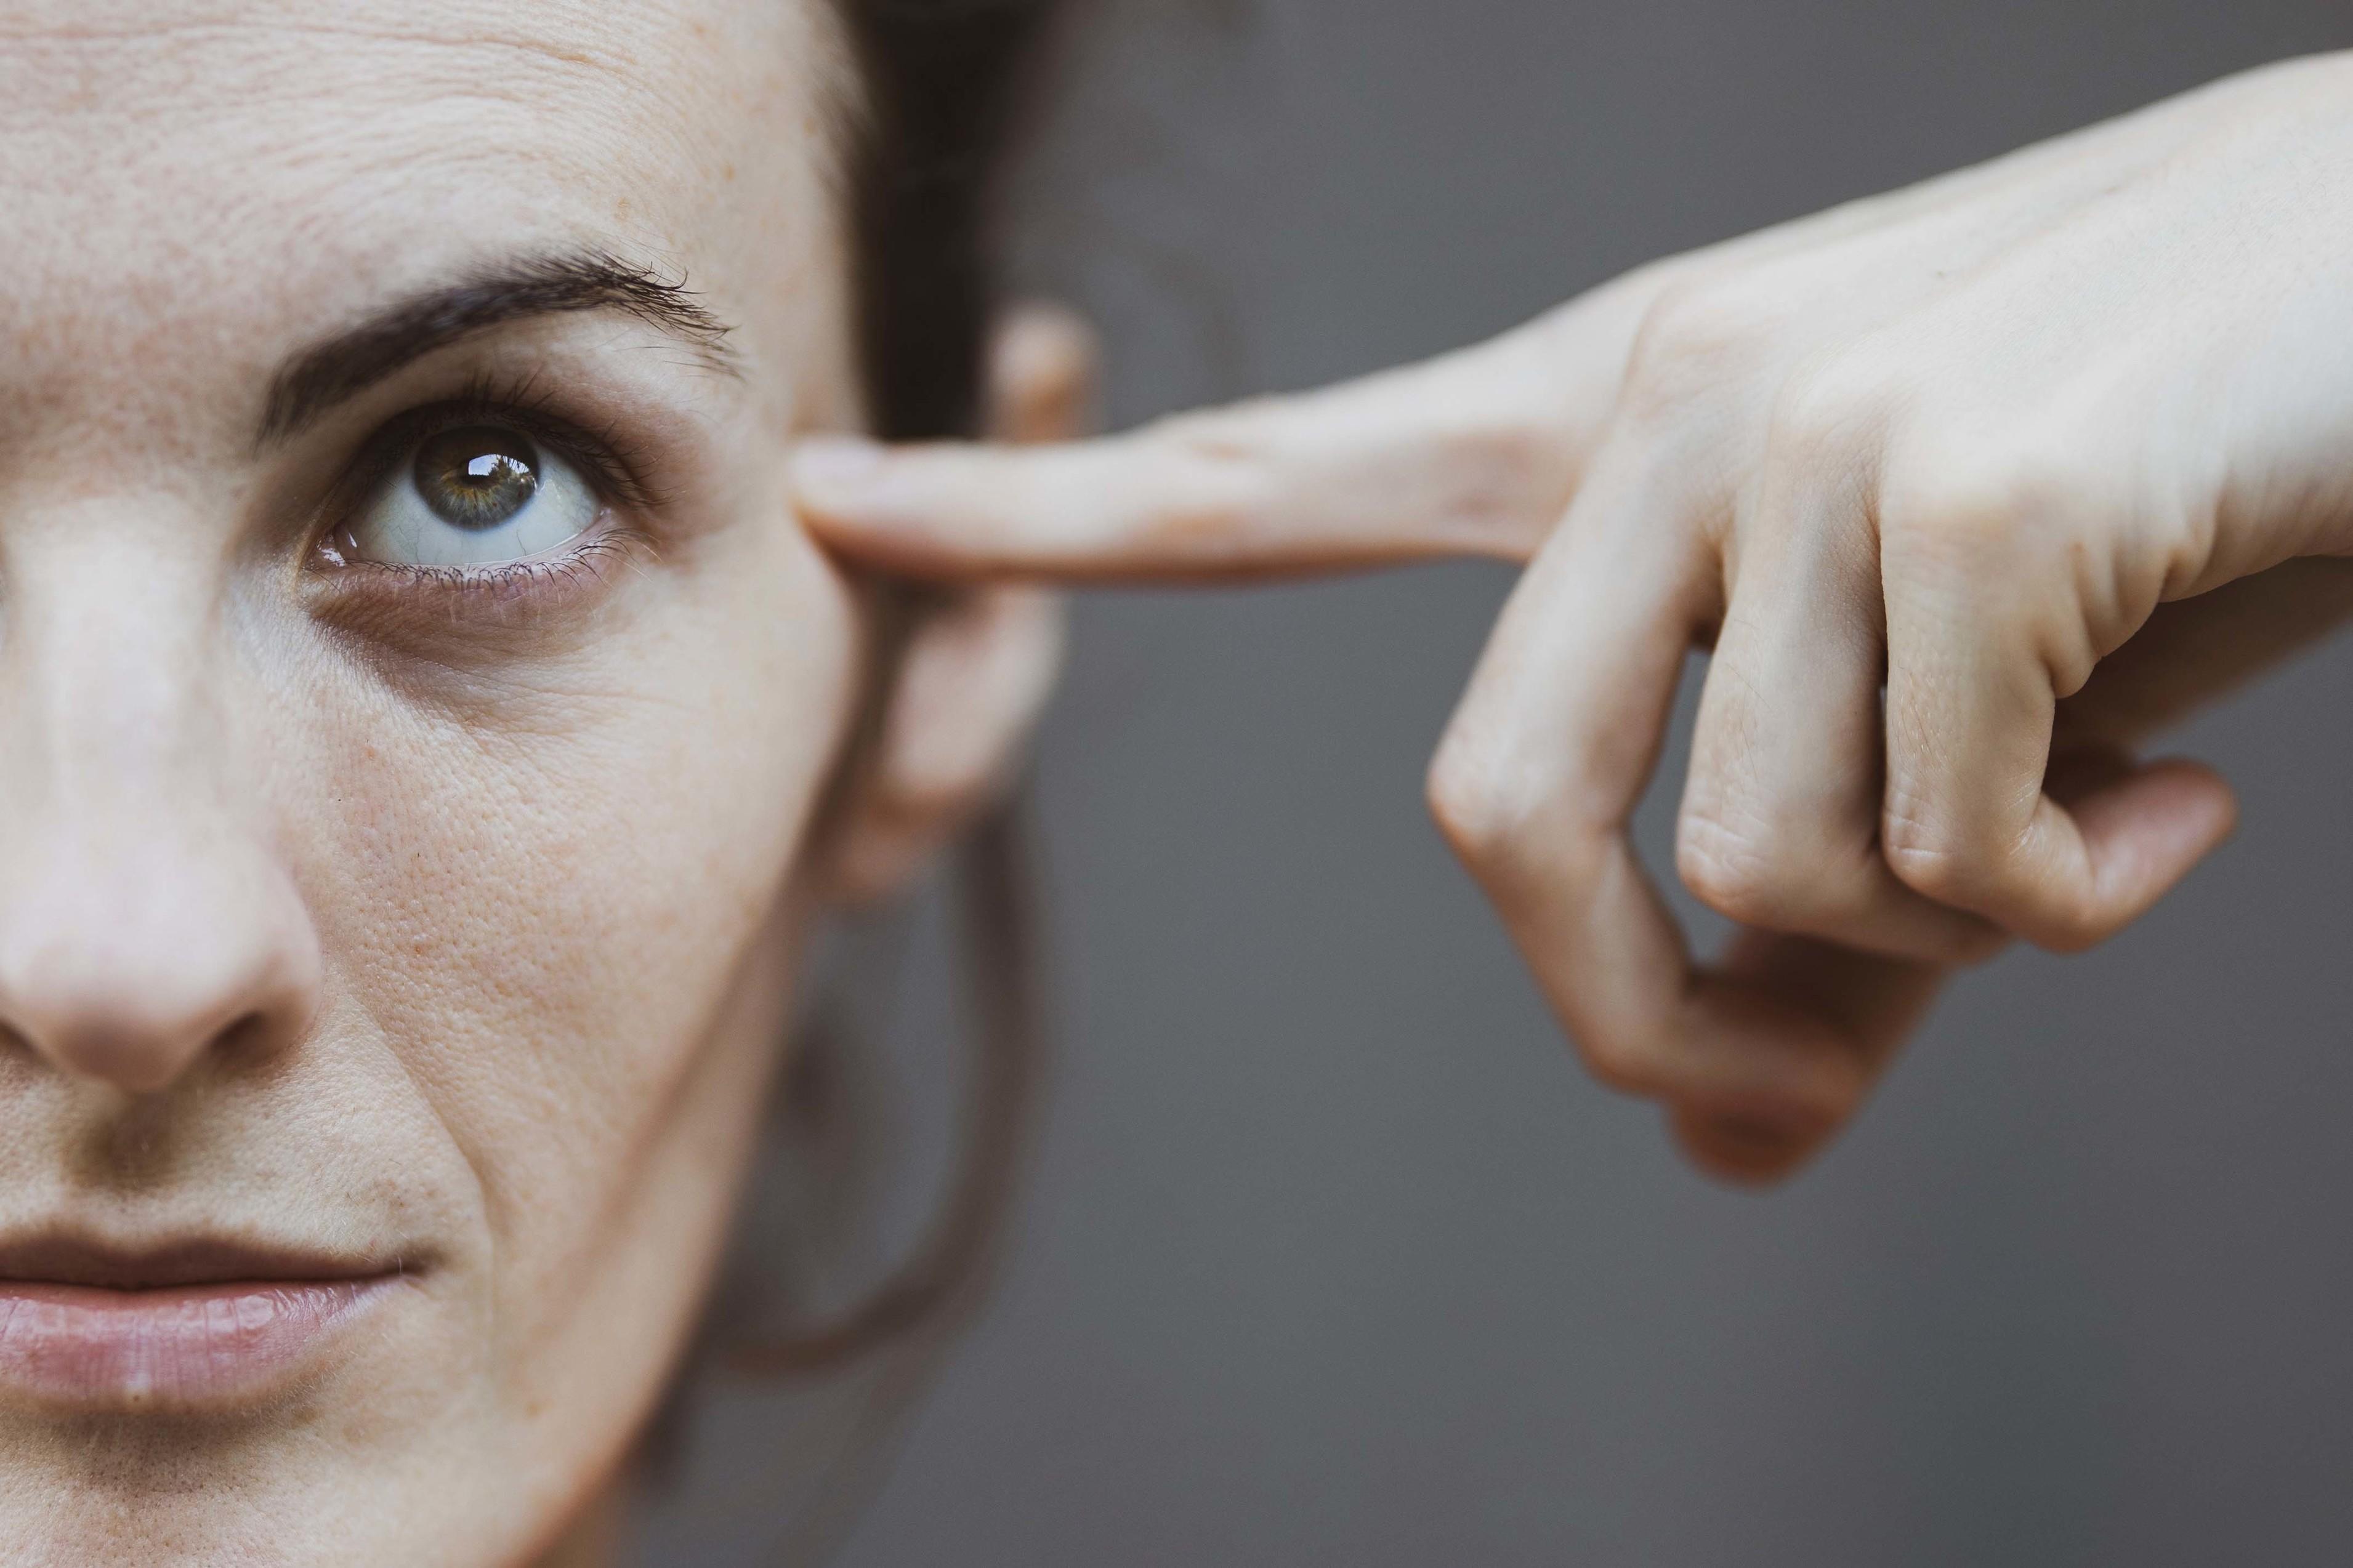 消費可以很不理性!想操作消費心理,先了解5種人們常掉入的認知陷阱